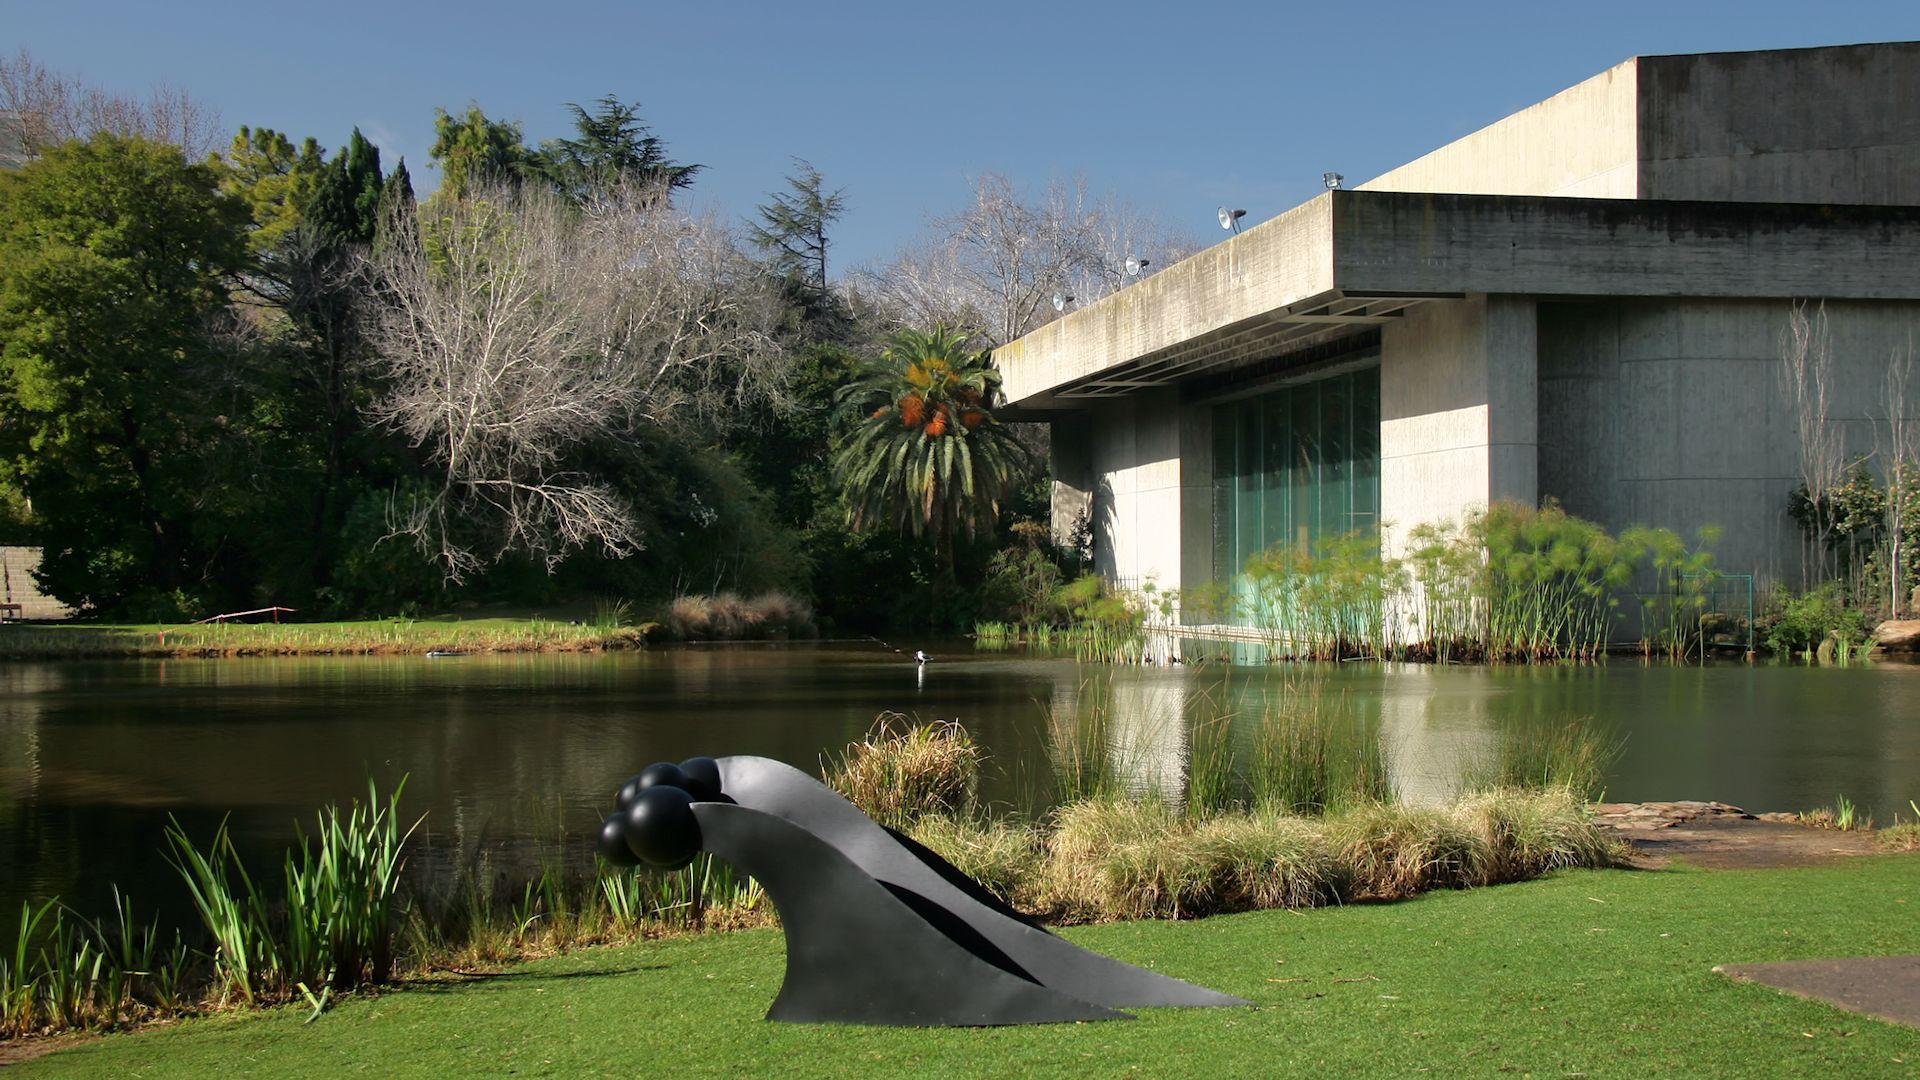 Museums lisbon - Centro de Arte Moderna - Fundação Calouste Gulbenkian